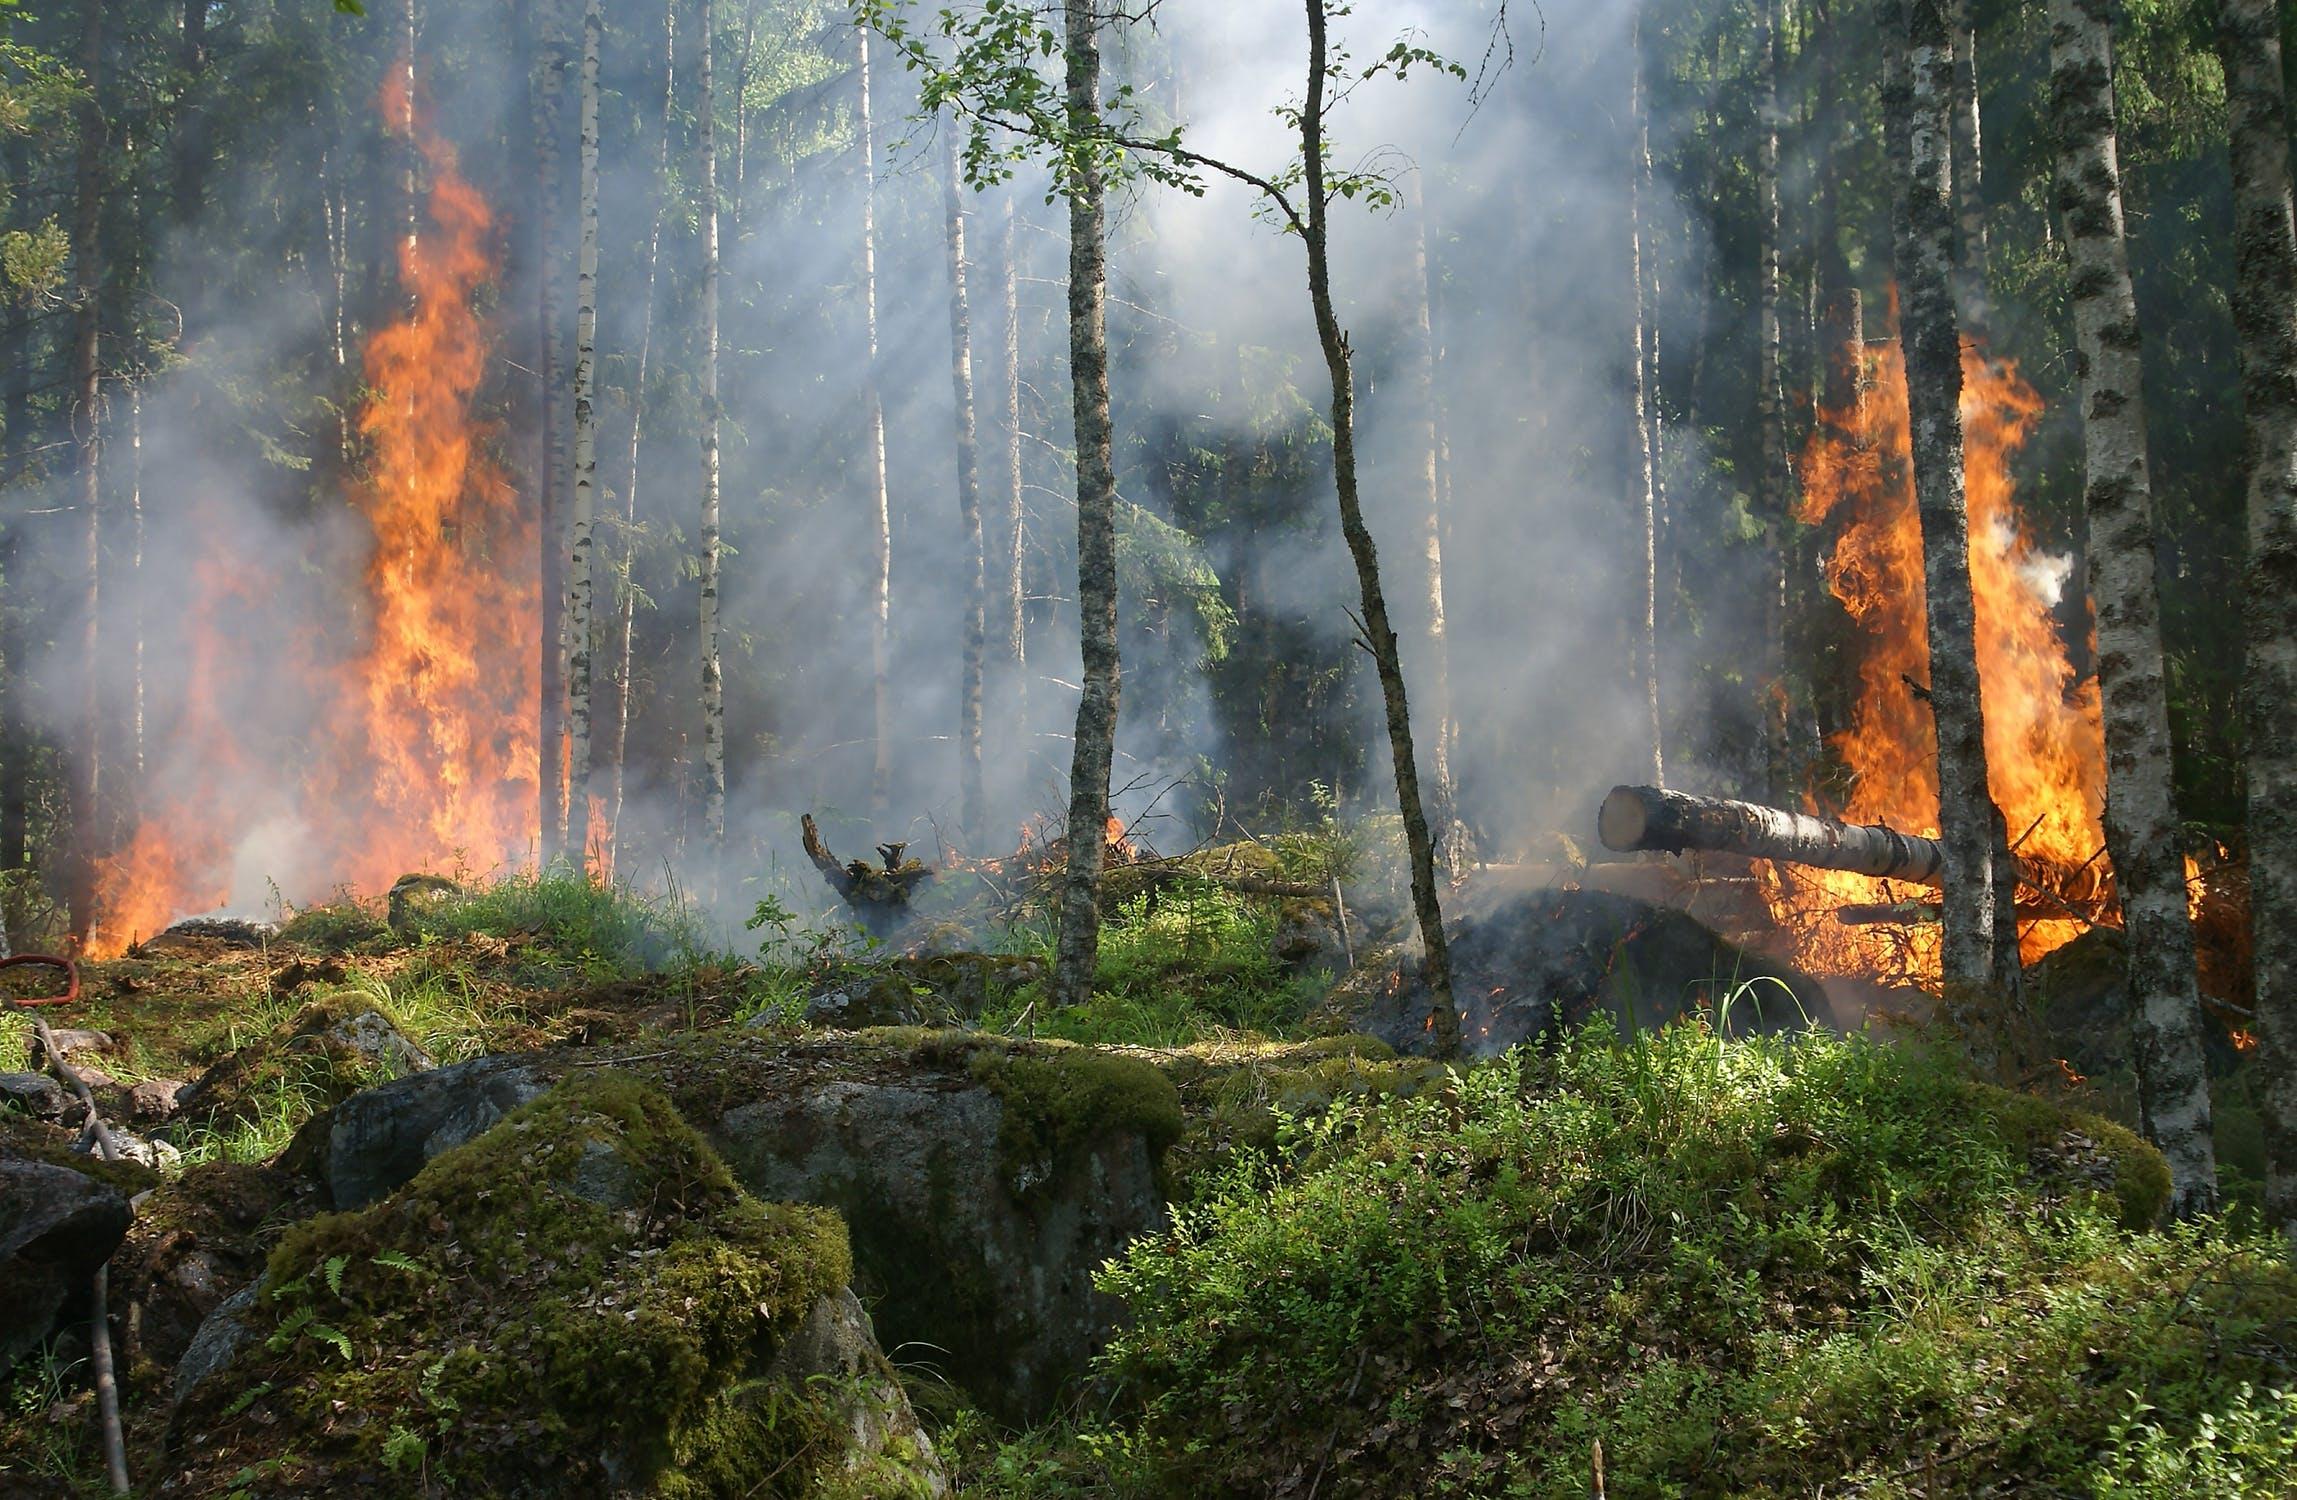 C'est le dernier jour pour respecter les lois de protection des incendies